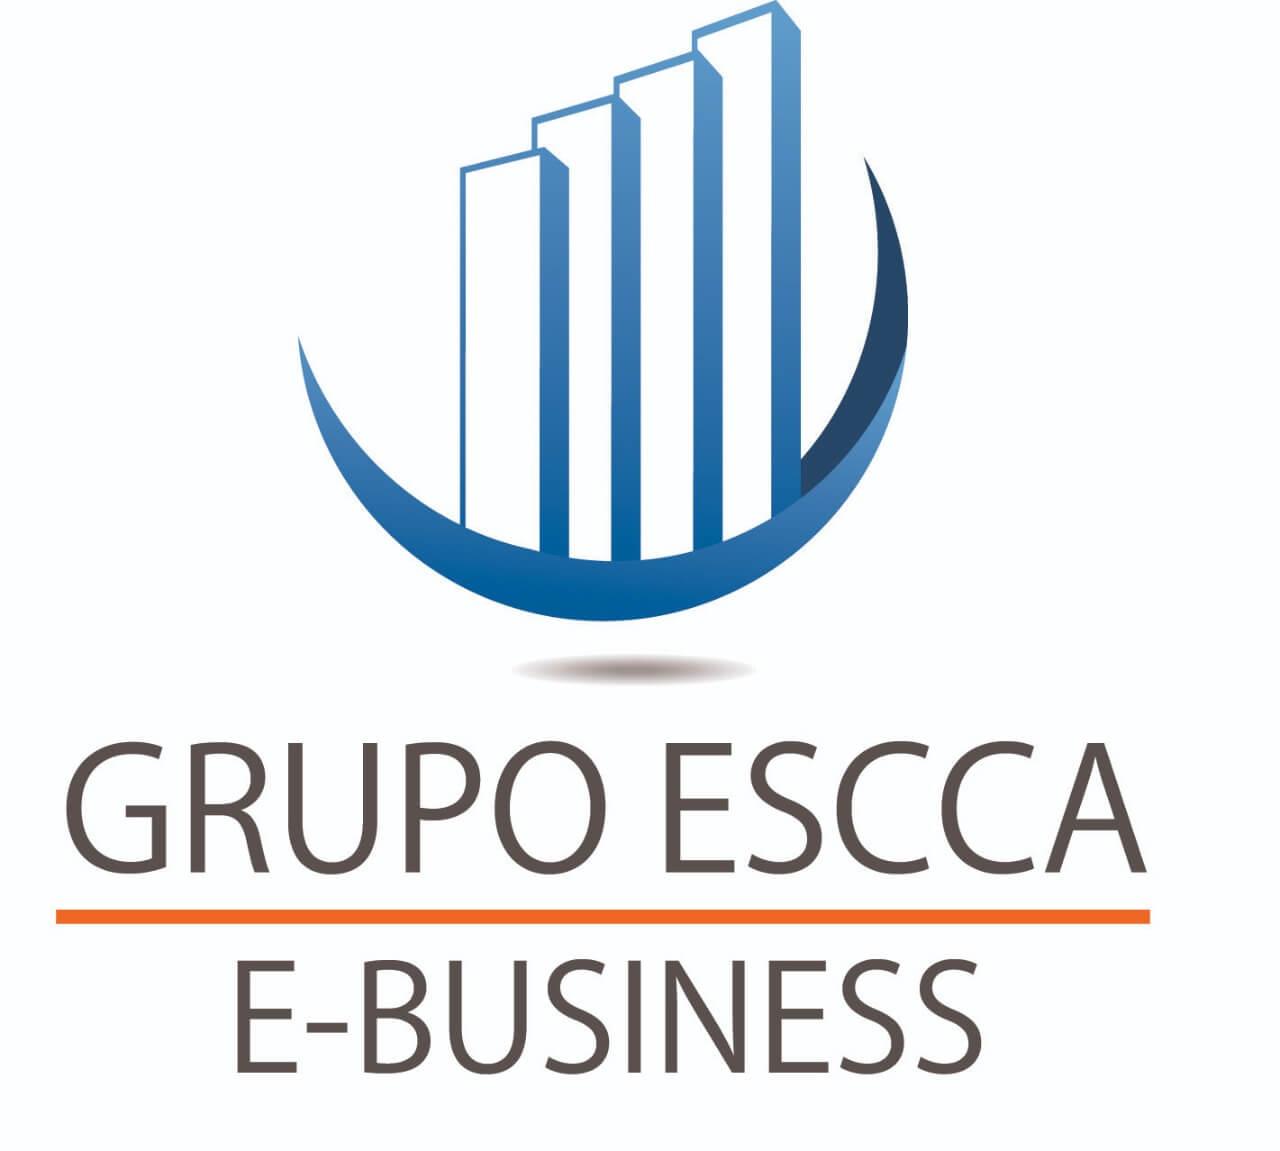 Grupo ESCCA